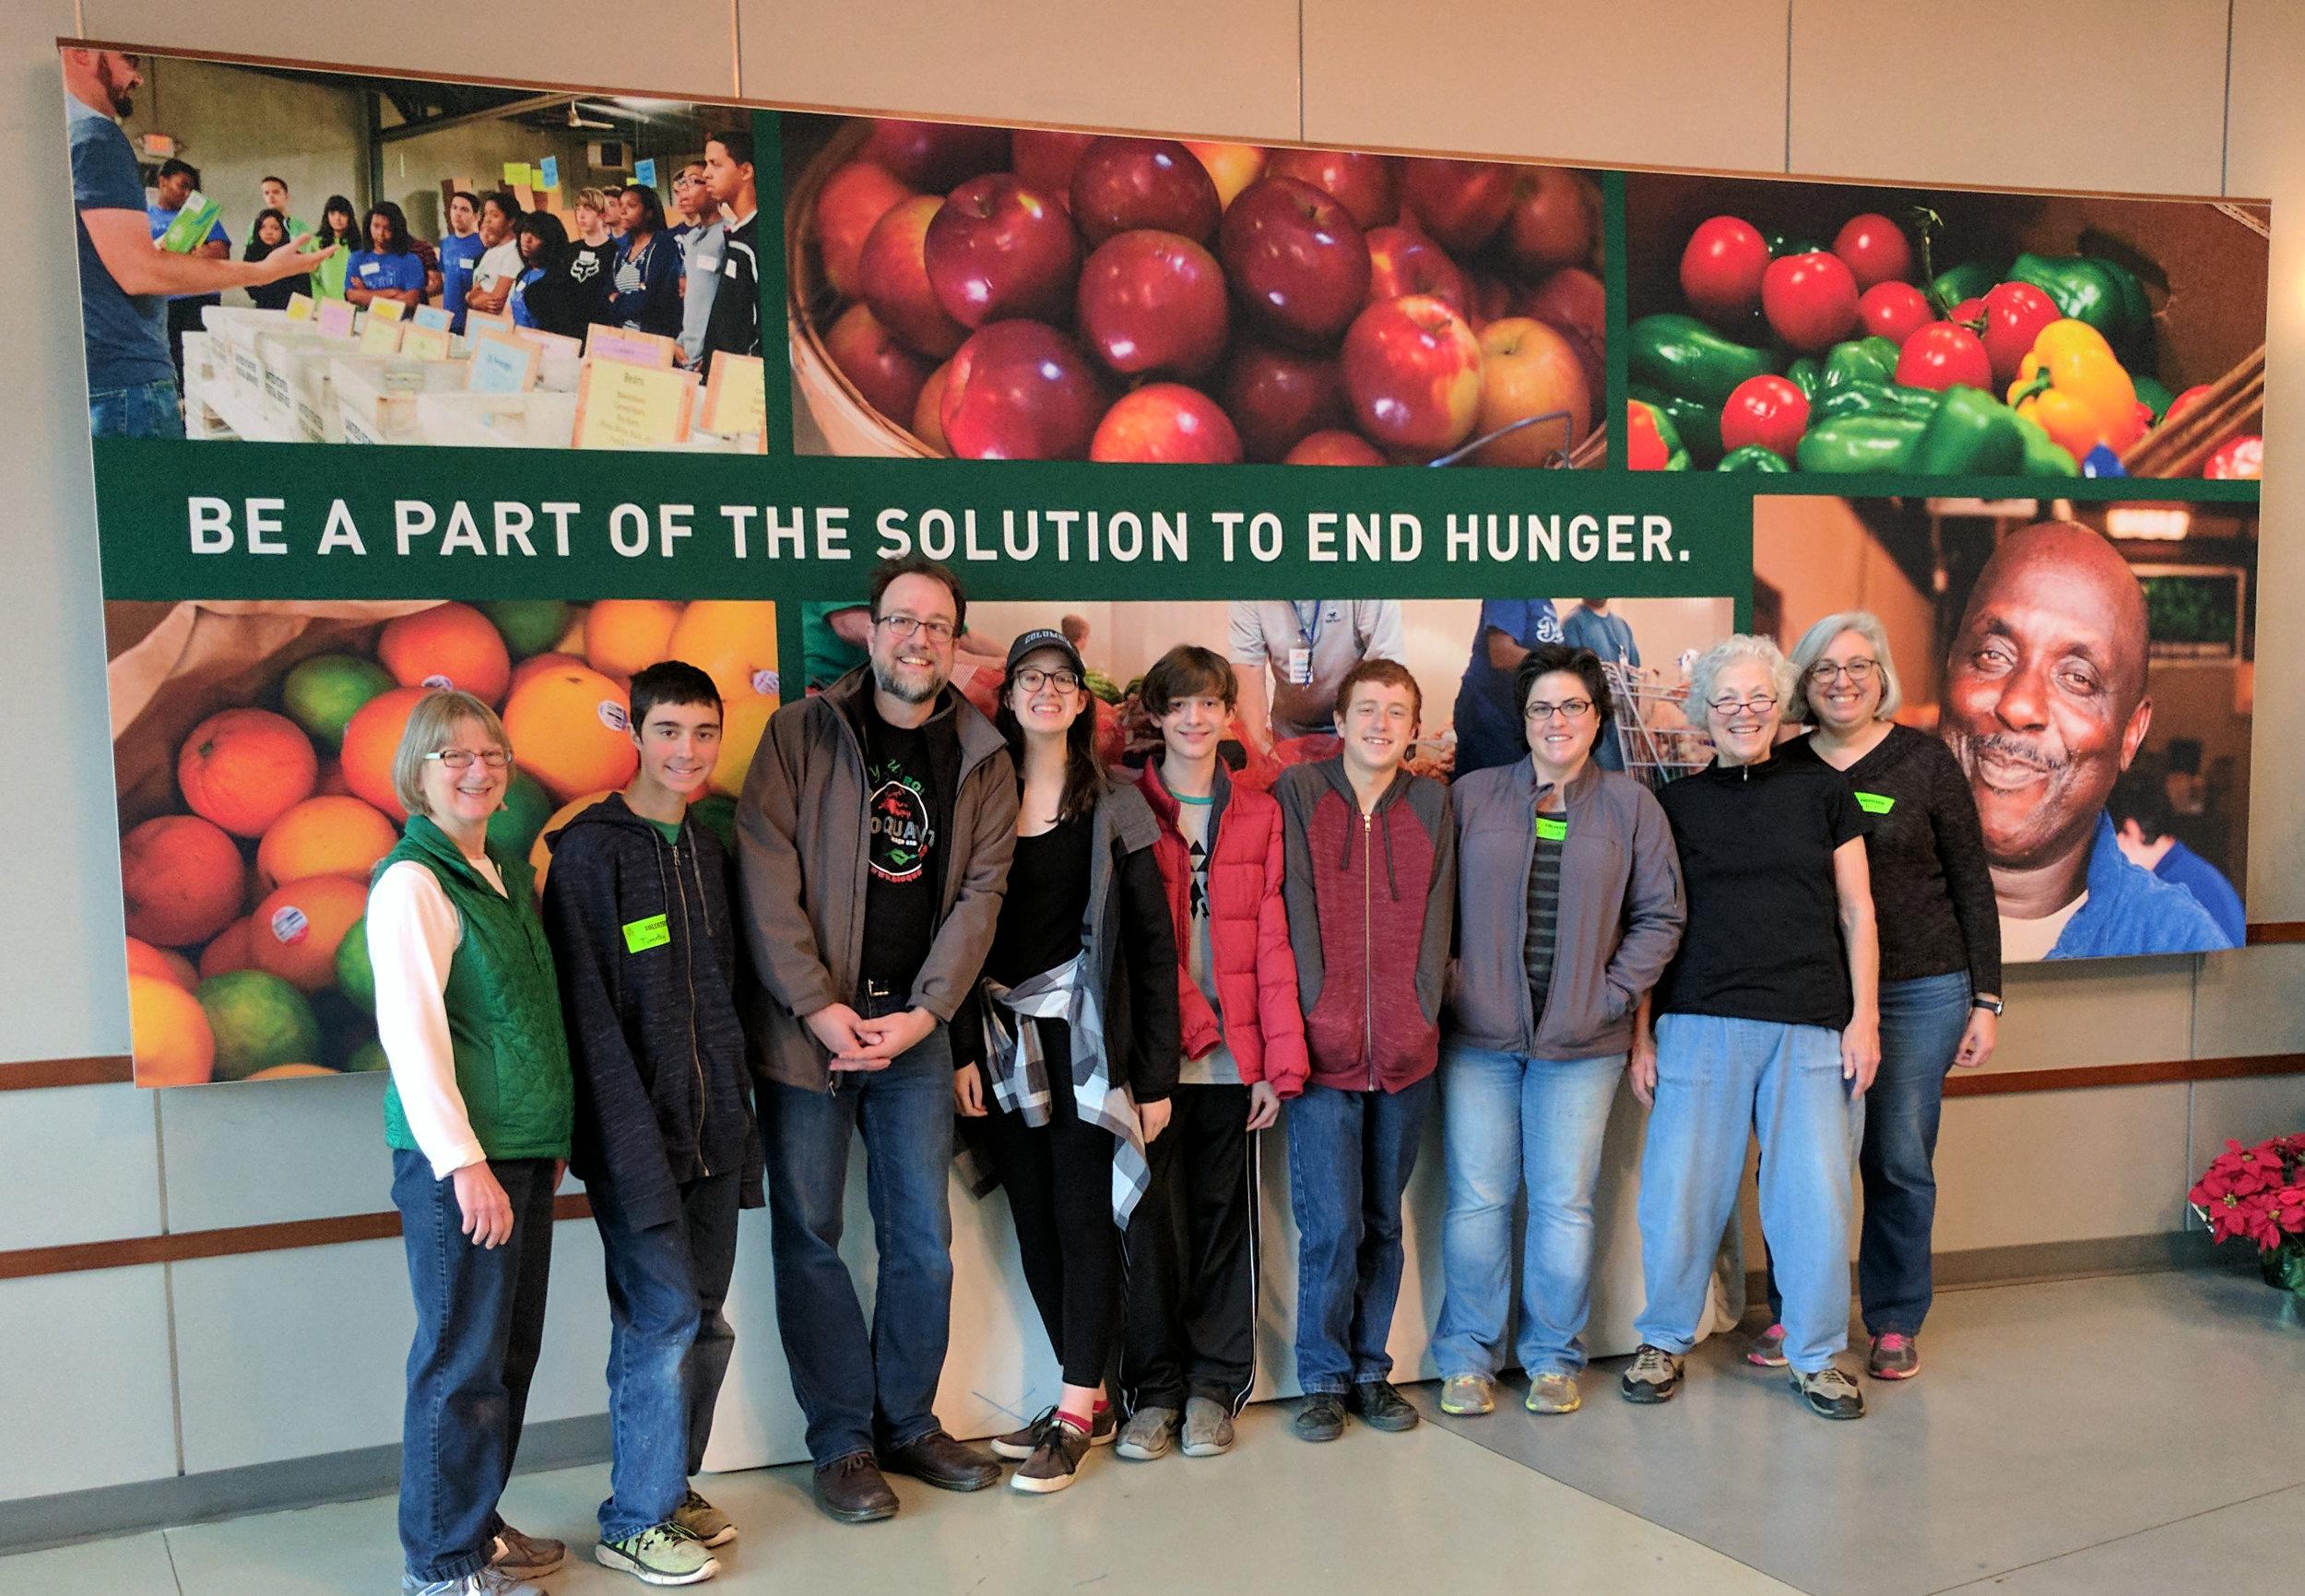 Community Volunteering - Join us in community volunteering!